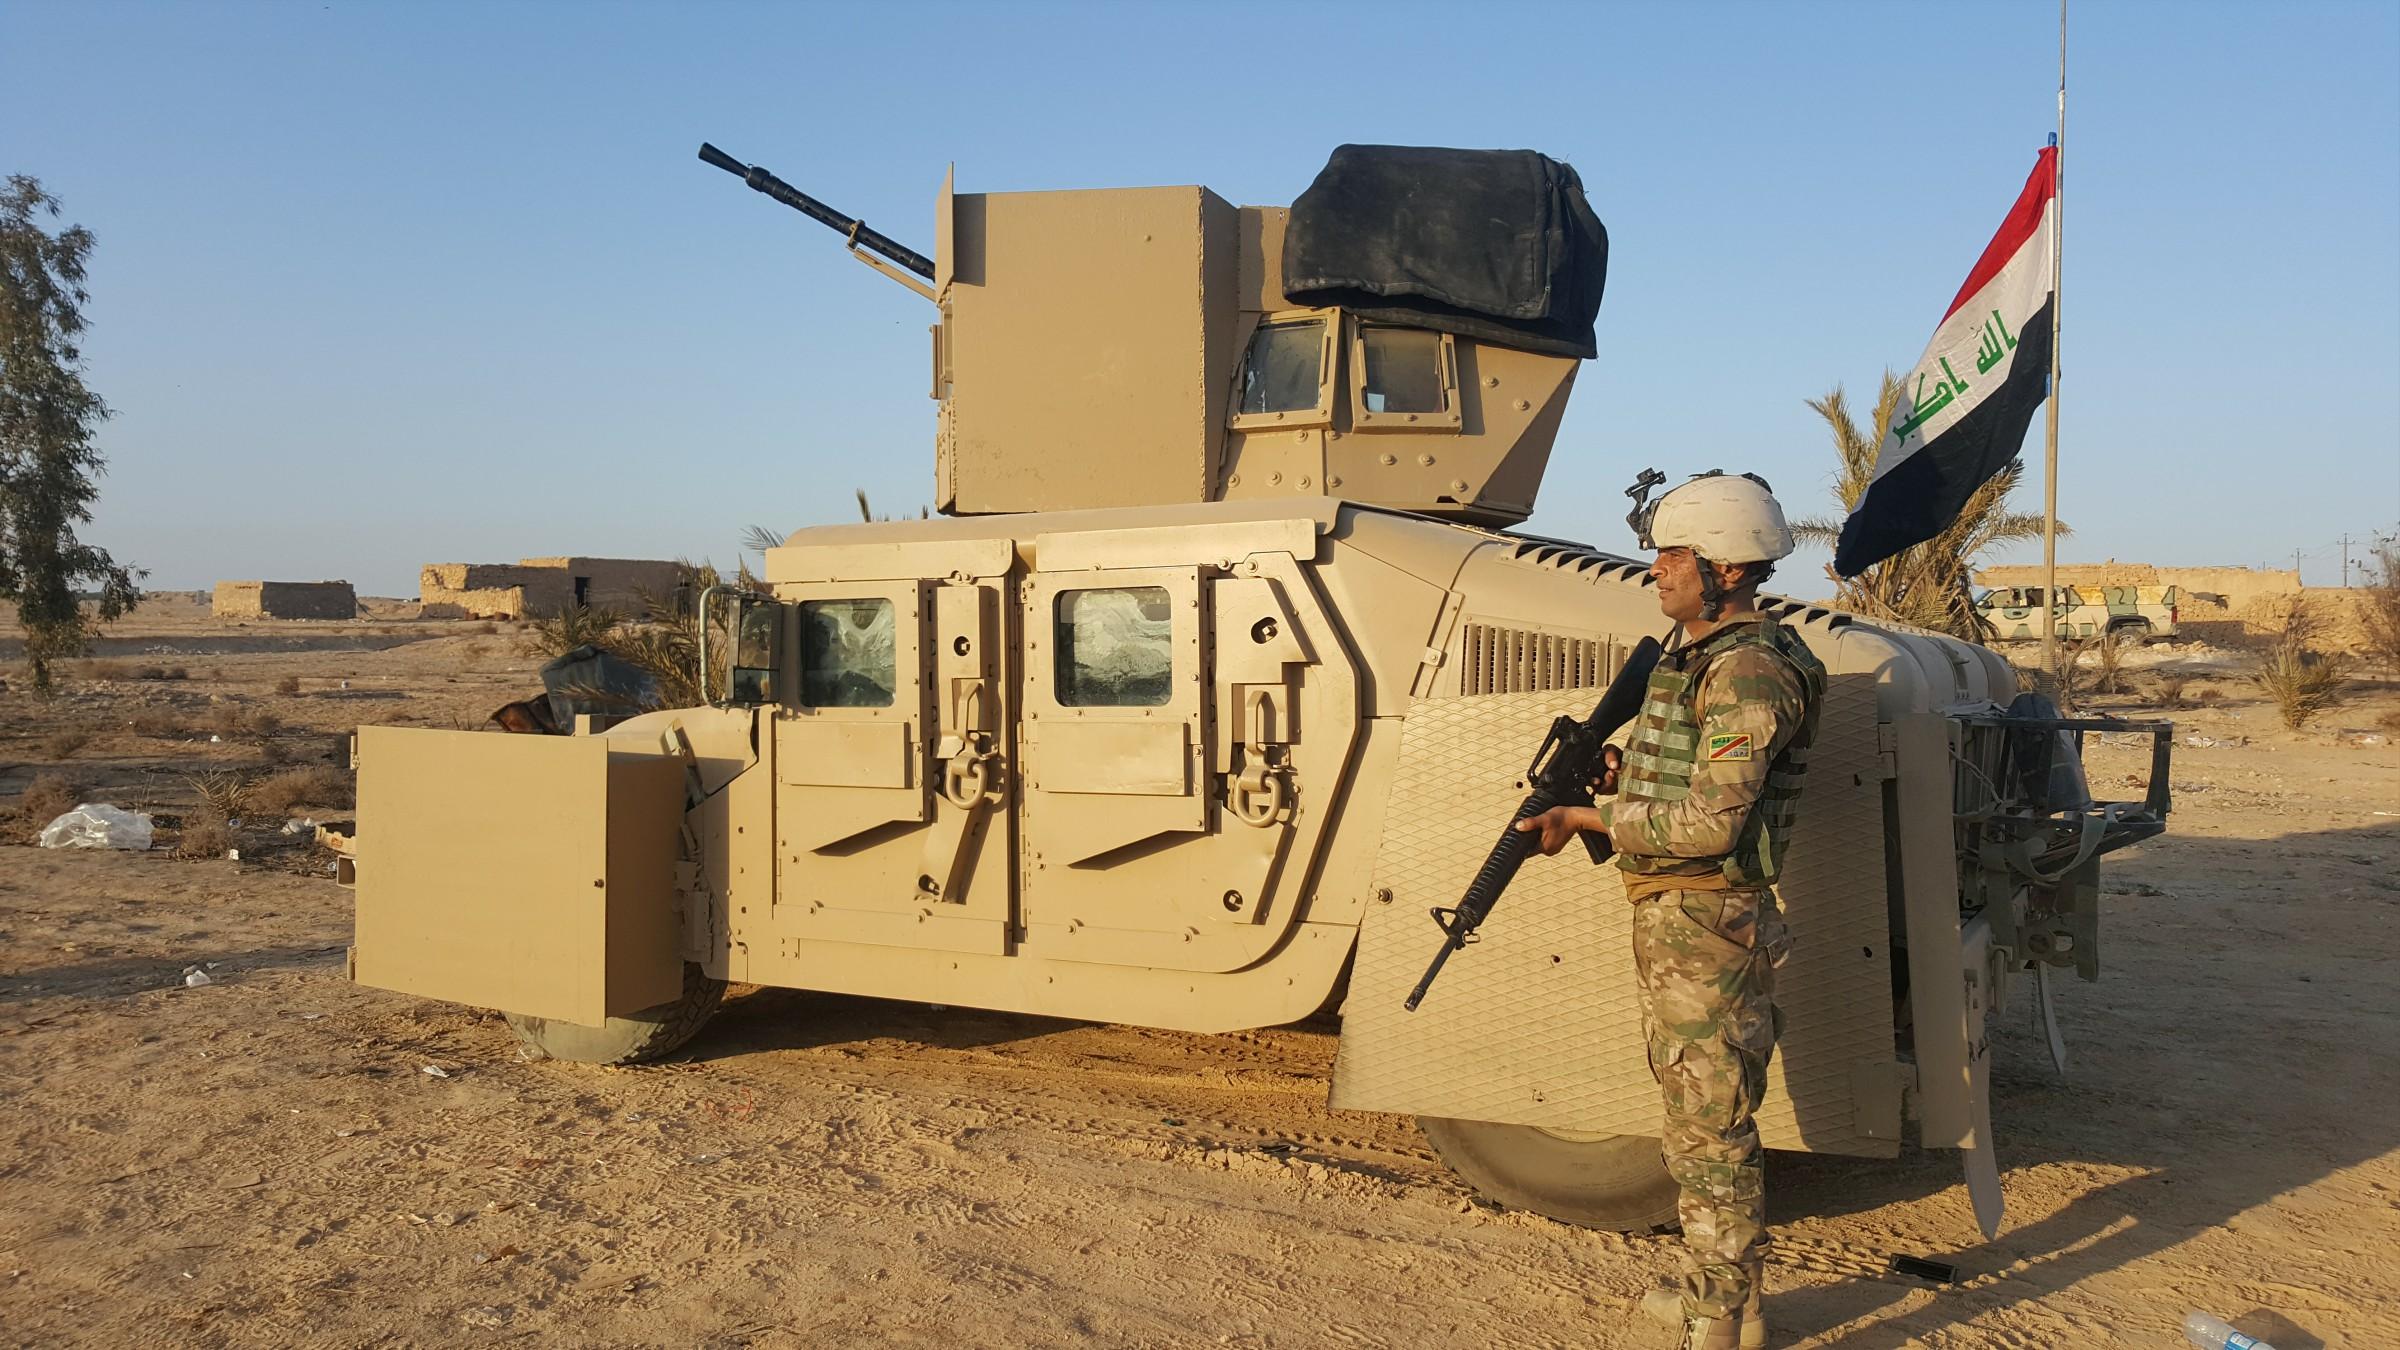 مجلس الأنبار يعزو سبب توقف عمليات تحرير المناطق الغربية لعدم وجود قوات